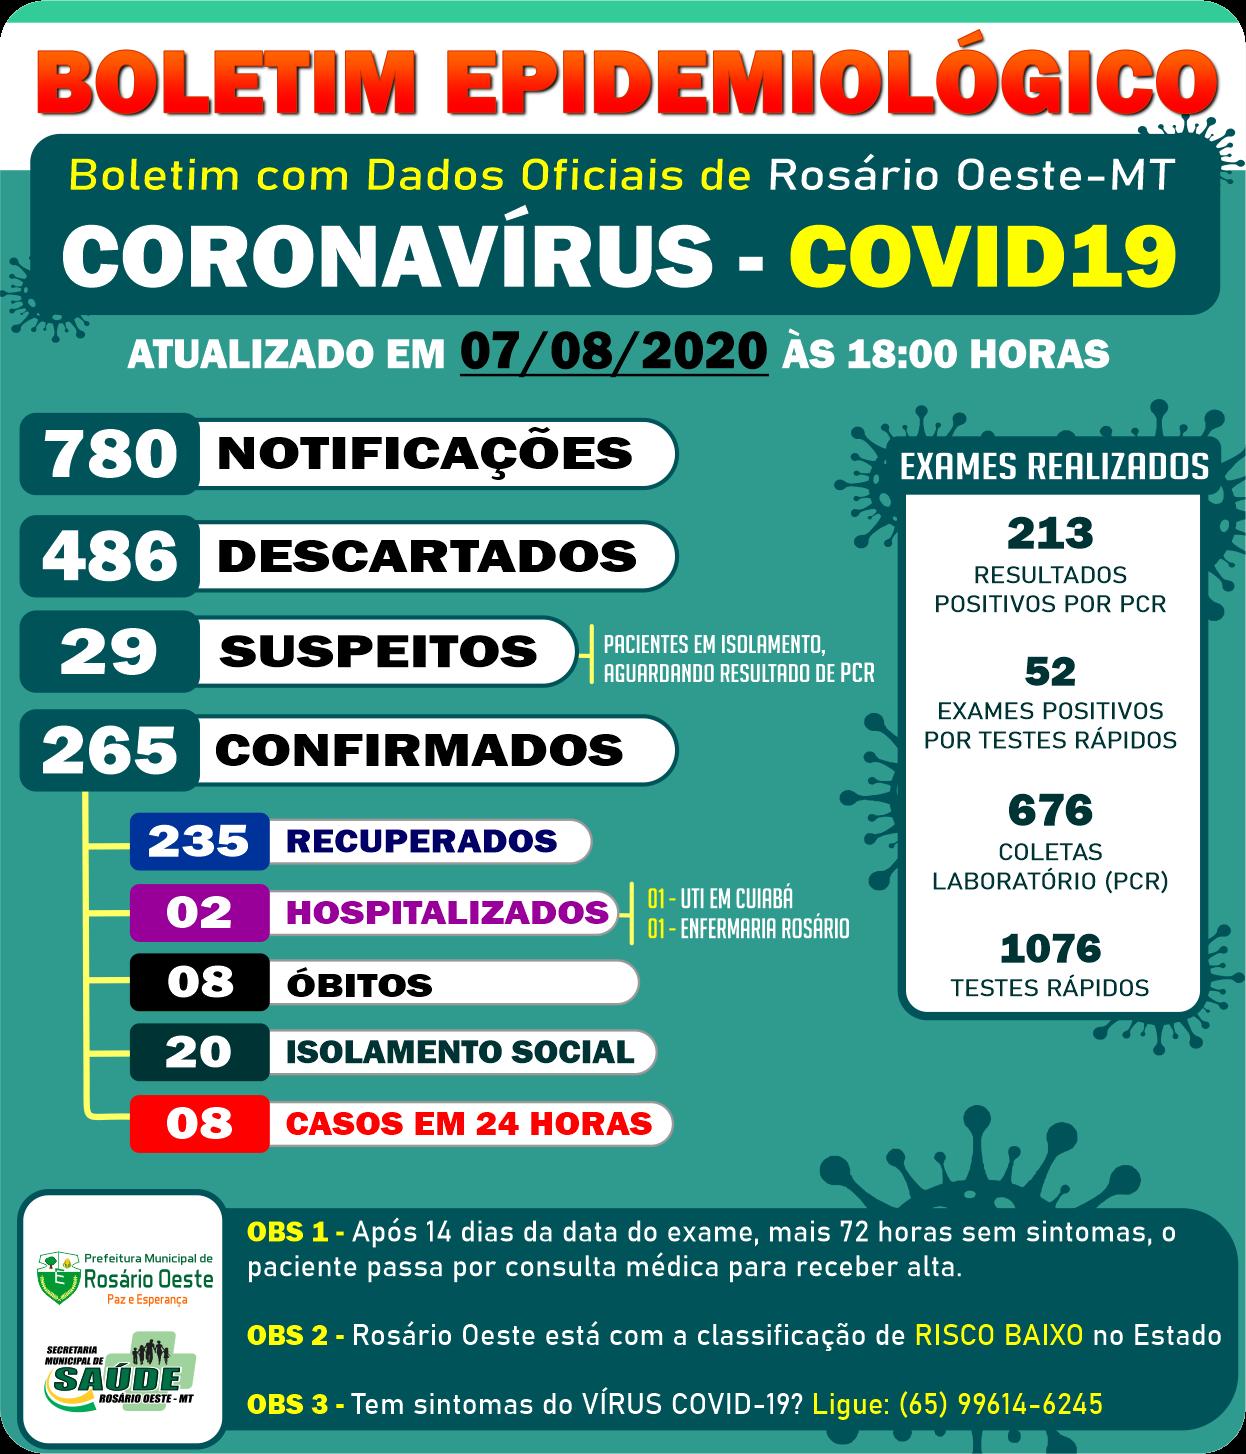 Rosário Oeste contabiliza mais 8 casos de covid19 nesta sexta (07/08)